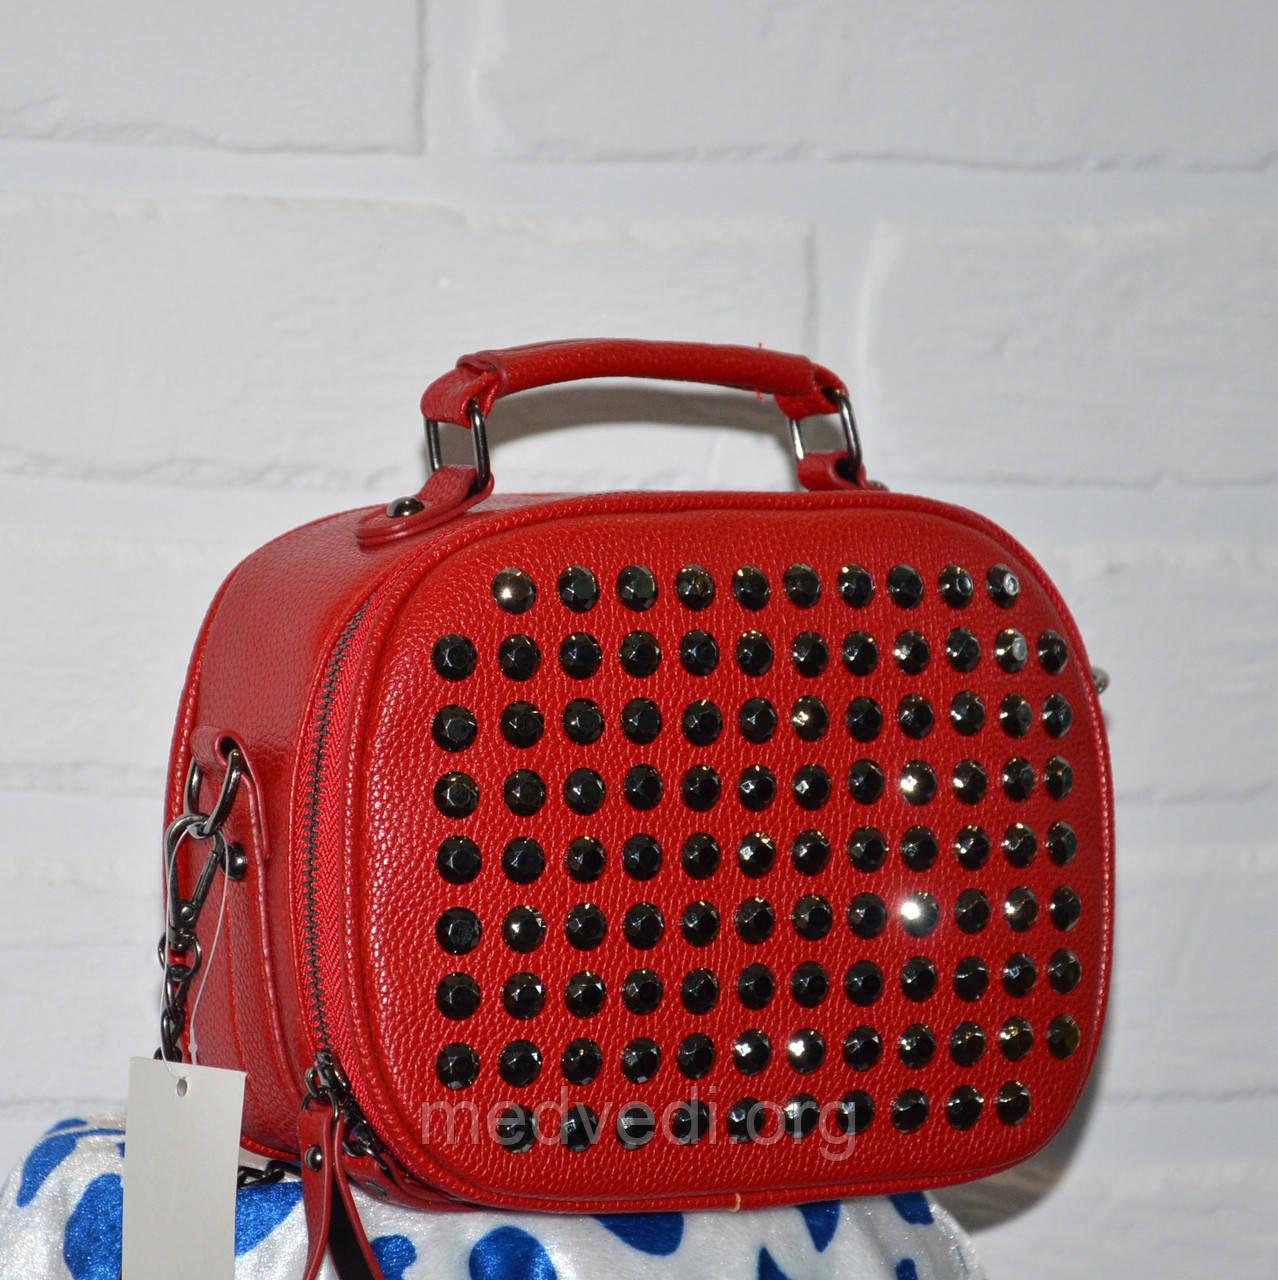 Красная сумочка мессенджер, с камнями, стильная сумка 2019 на цепочке